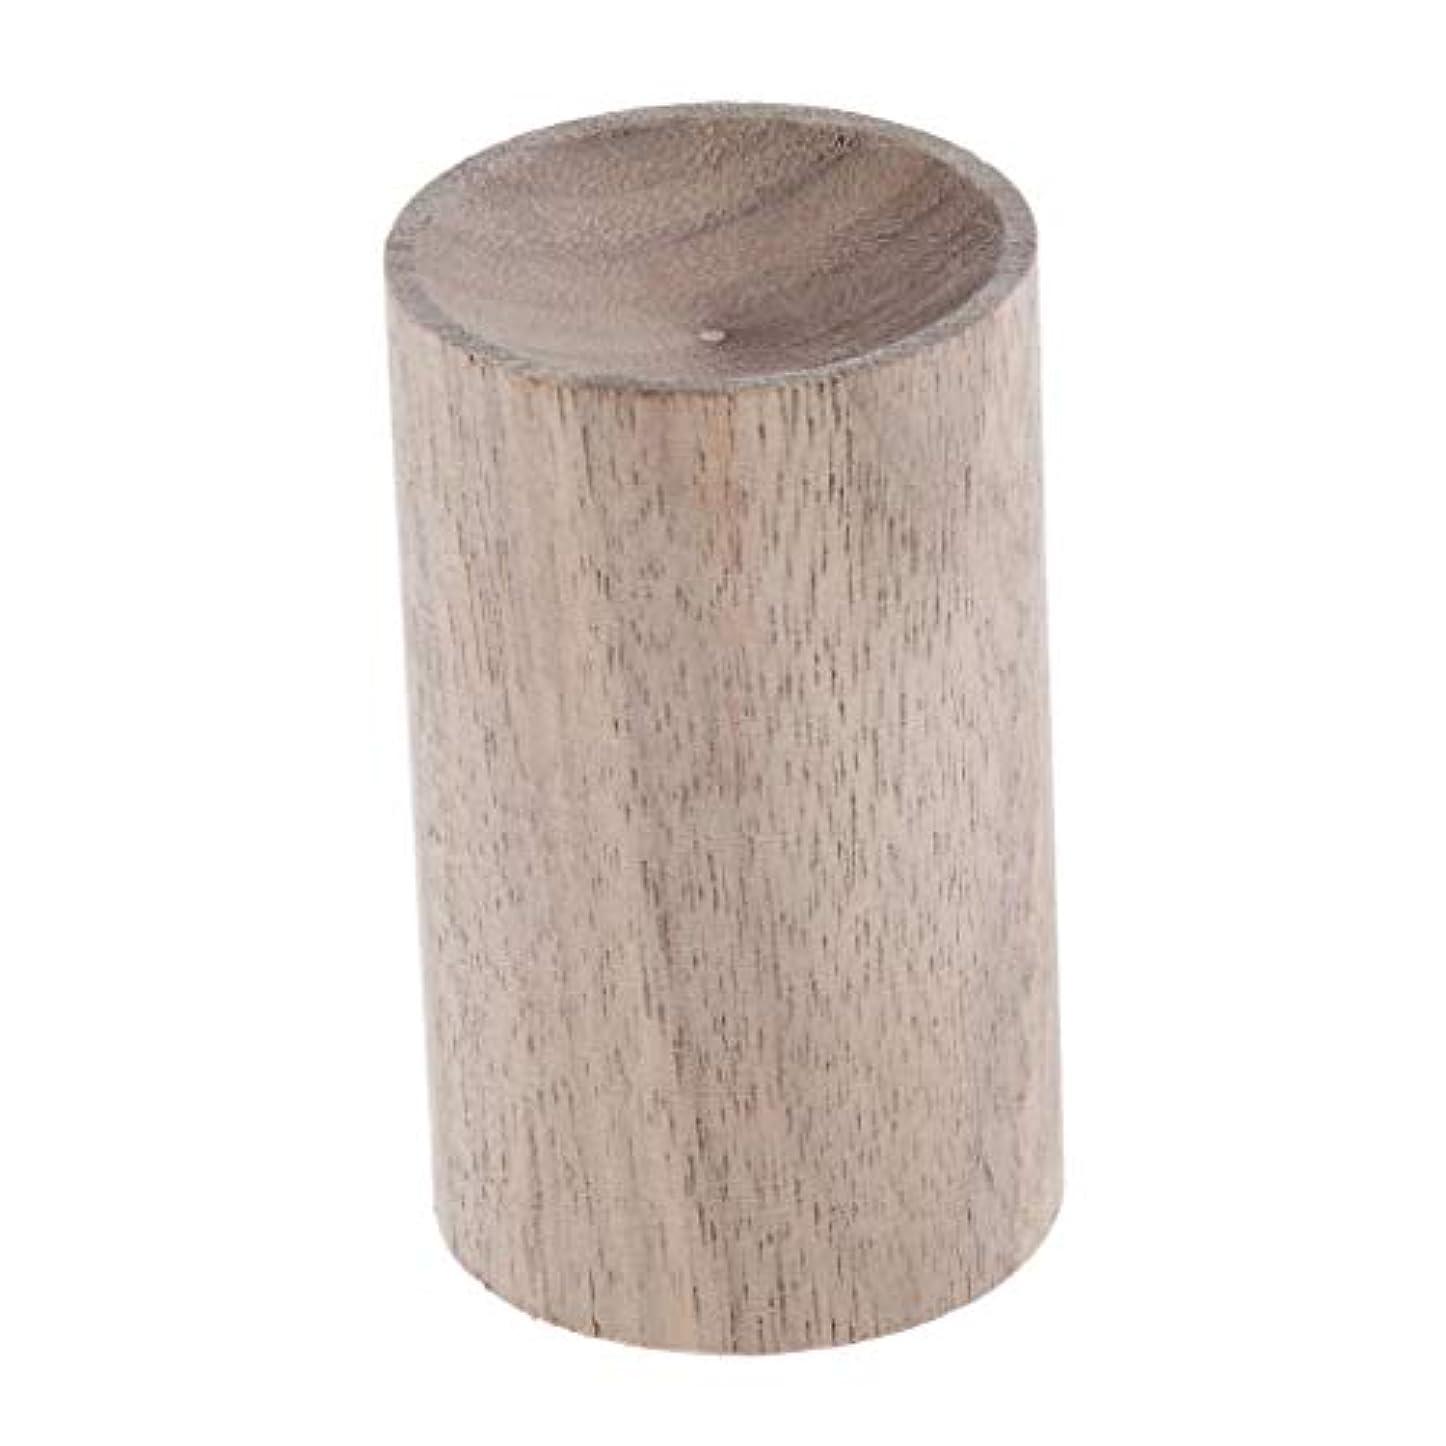 優先注ぎますトロイの木馬全2種類 アロマディフューザー 車 家庭用 天然木 エアフレッシュナー 香水 - 02